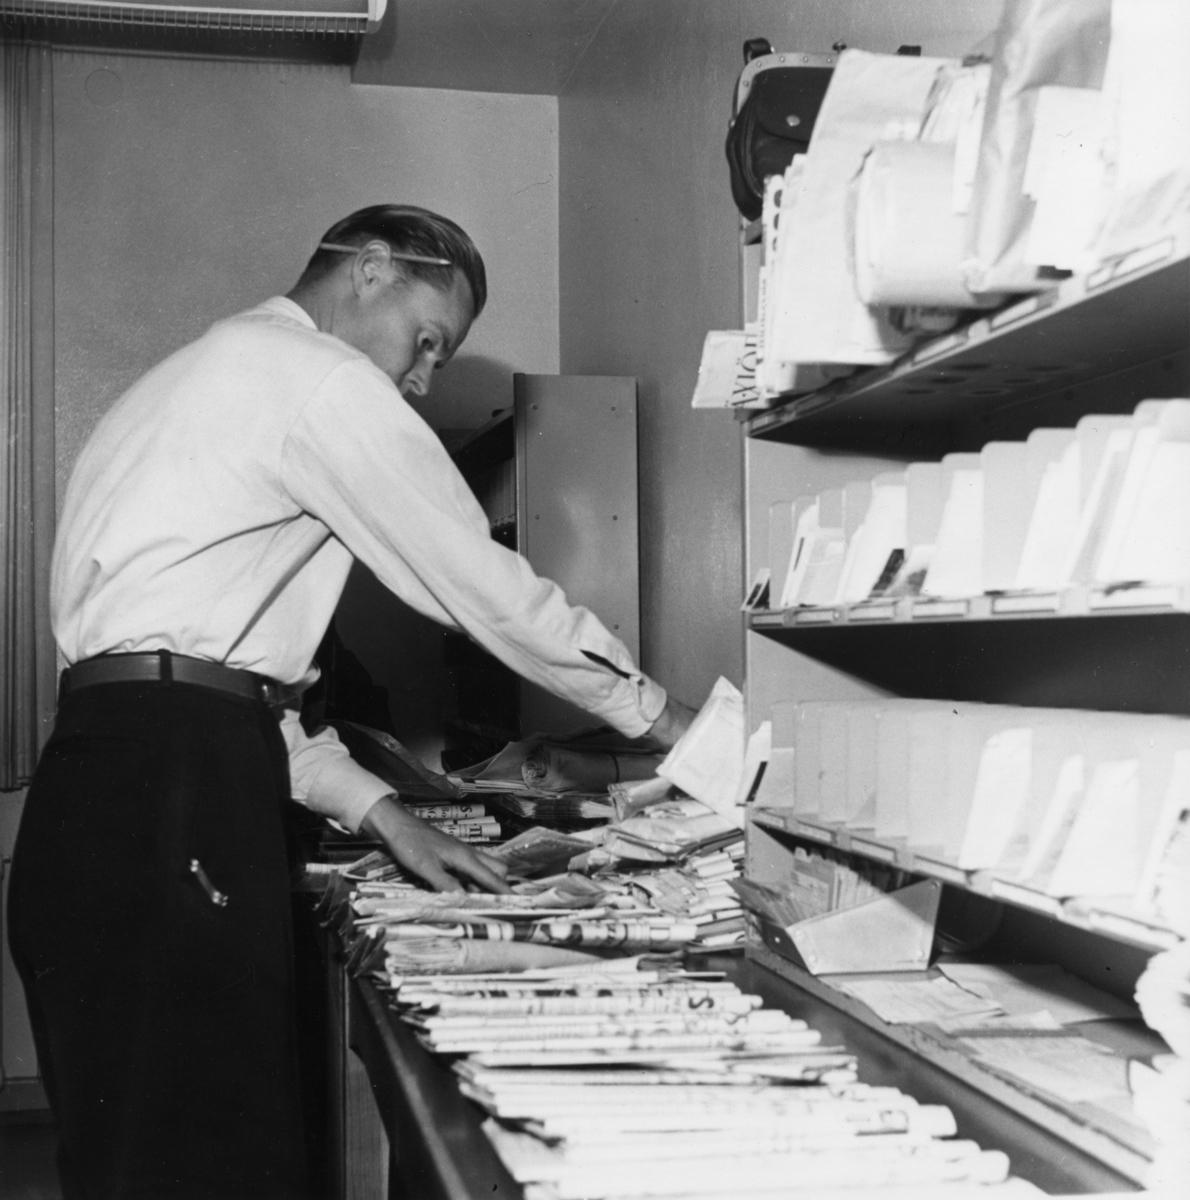 Lantbrevbärare Knut Svensson, Växjö, sorterar dagens post, 1953.